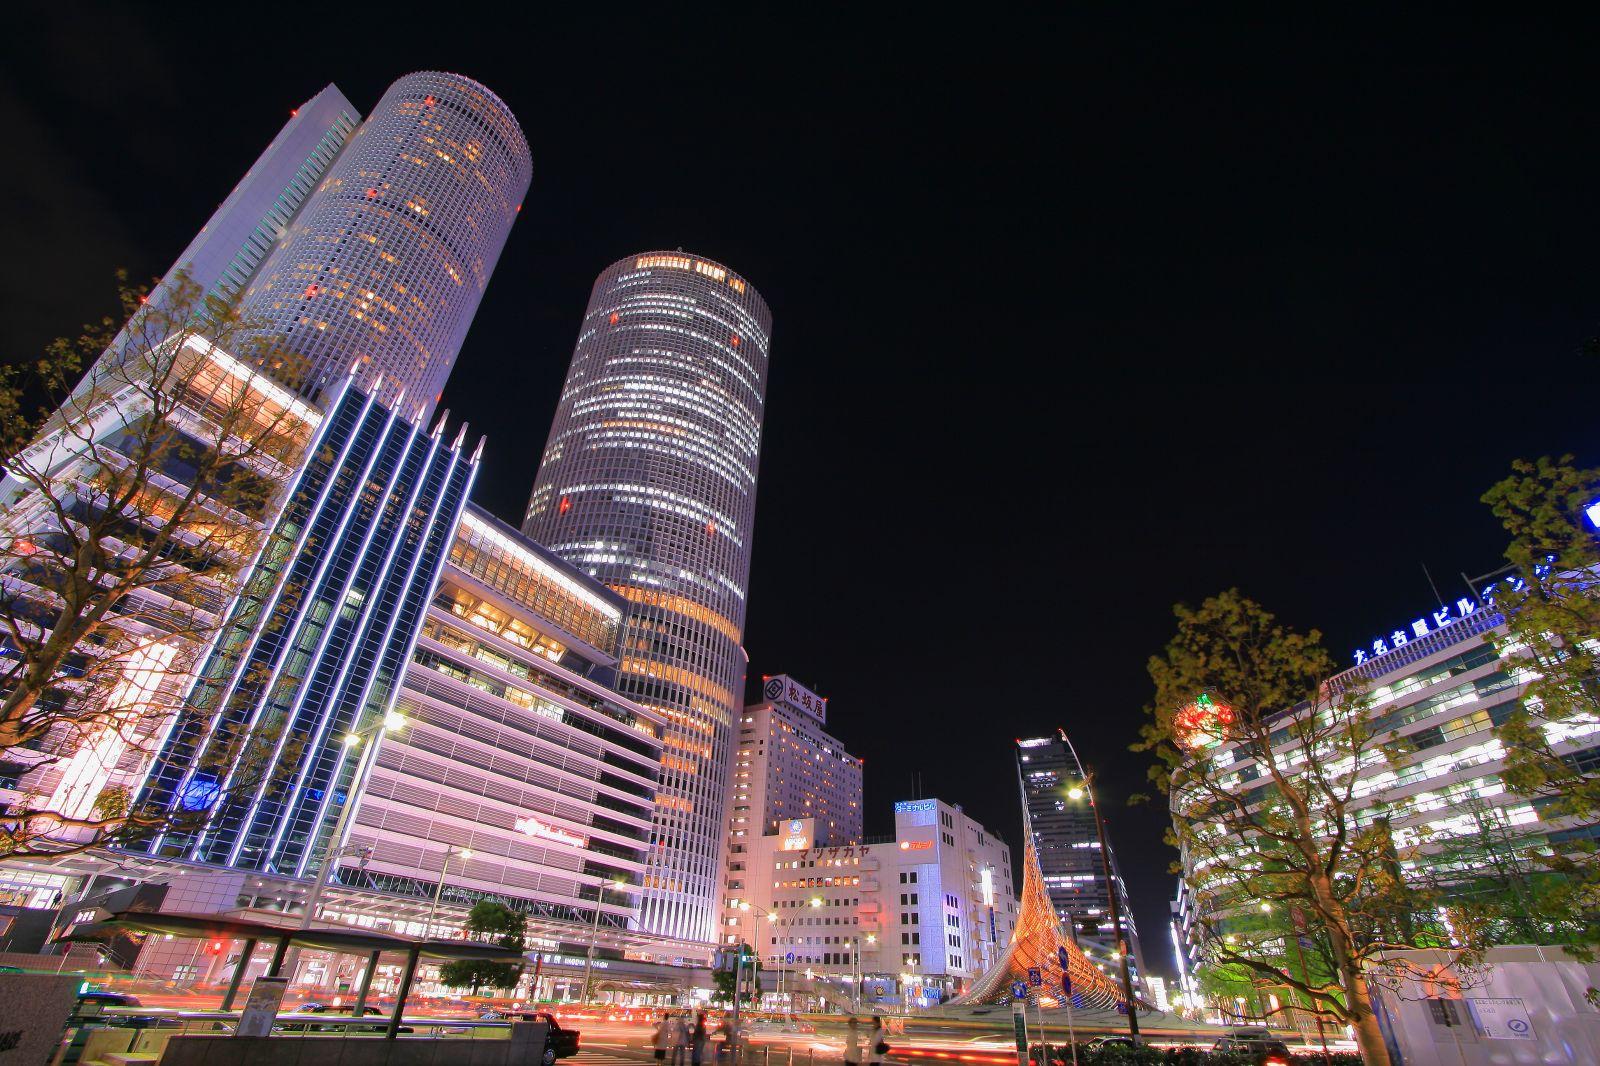 名古屋駅・地下街の歩き方!ランチやグルメもマップを見れば迷わない!